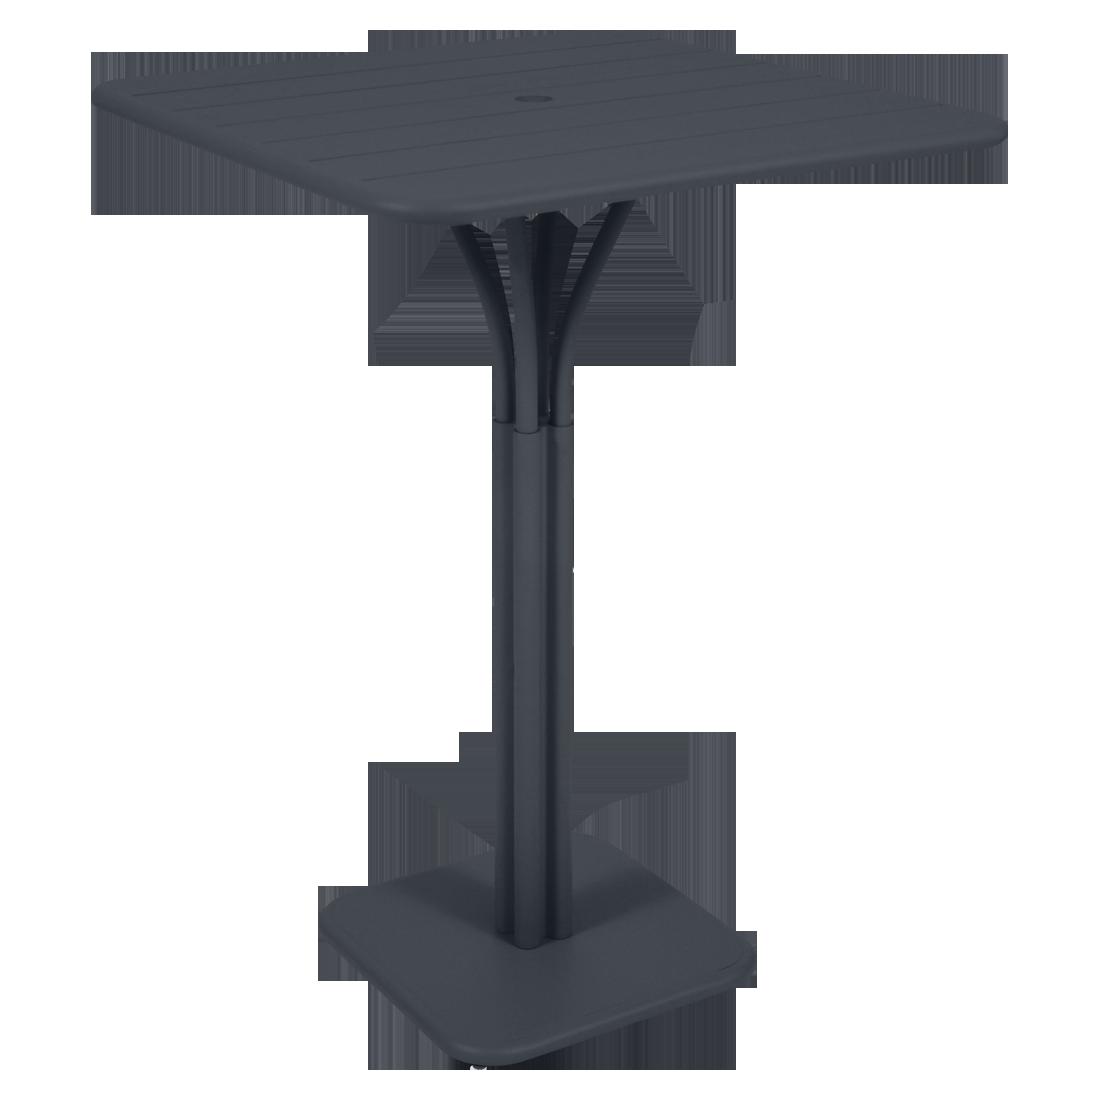 hoher tisch luxembourg gartentisch aus metall gartenm bel. Black Bedroom Furniture Sets. Home Design Ideas